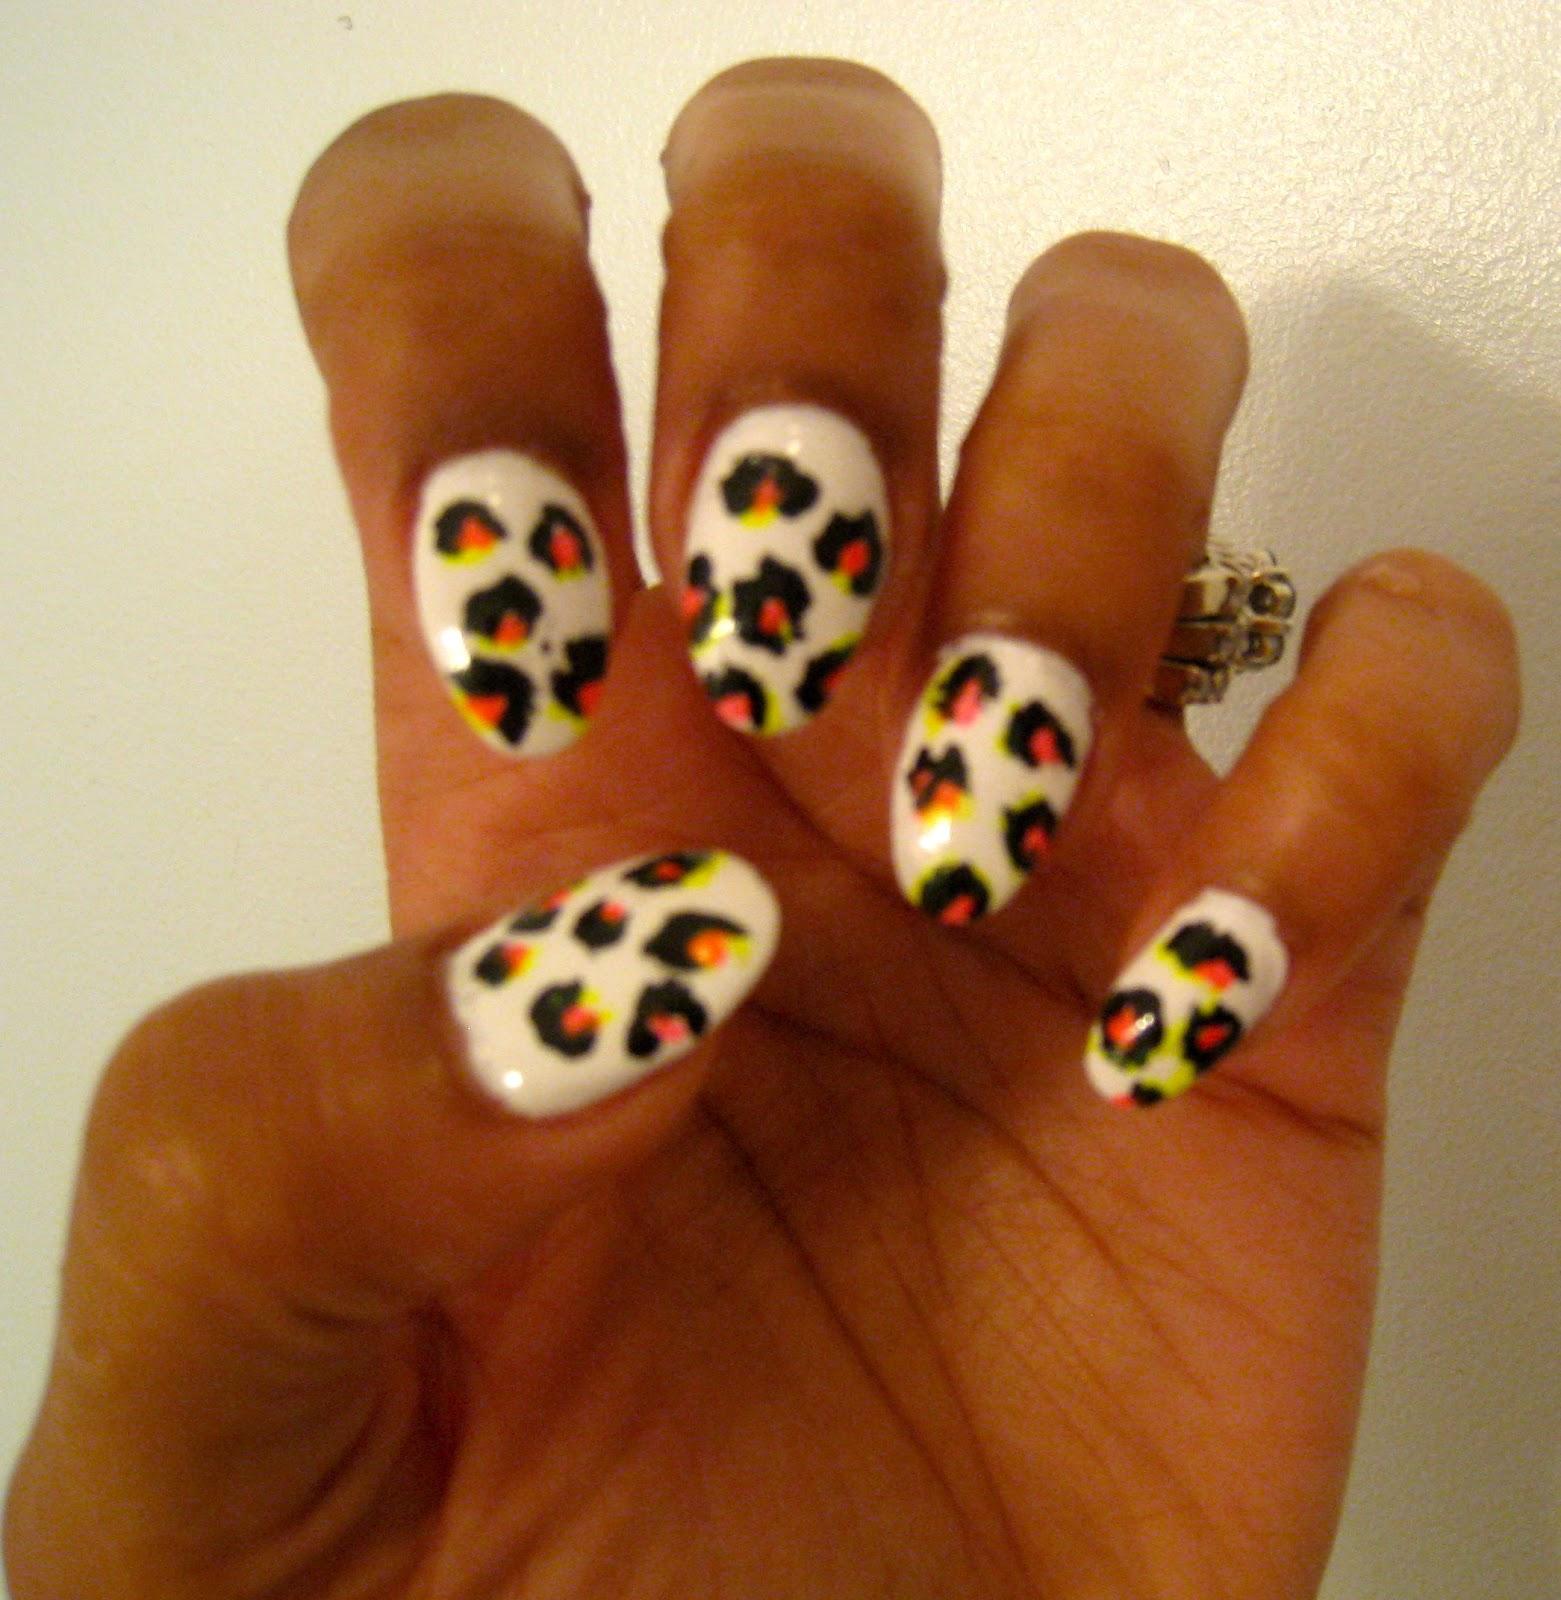 bow ties and barrettes cheetah print nail designs